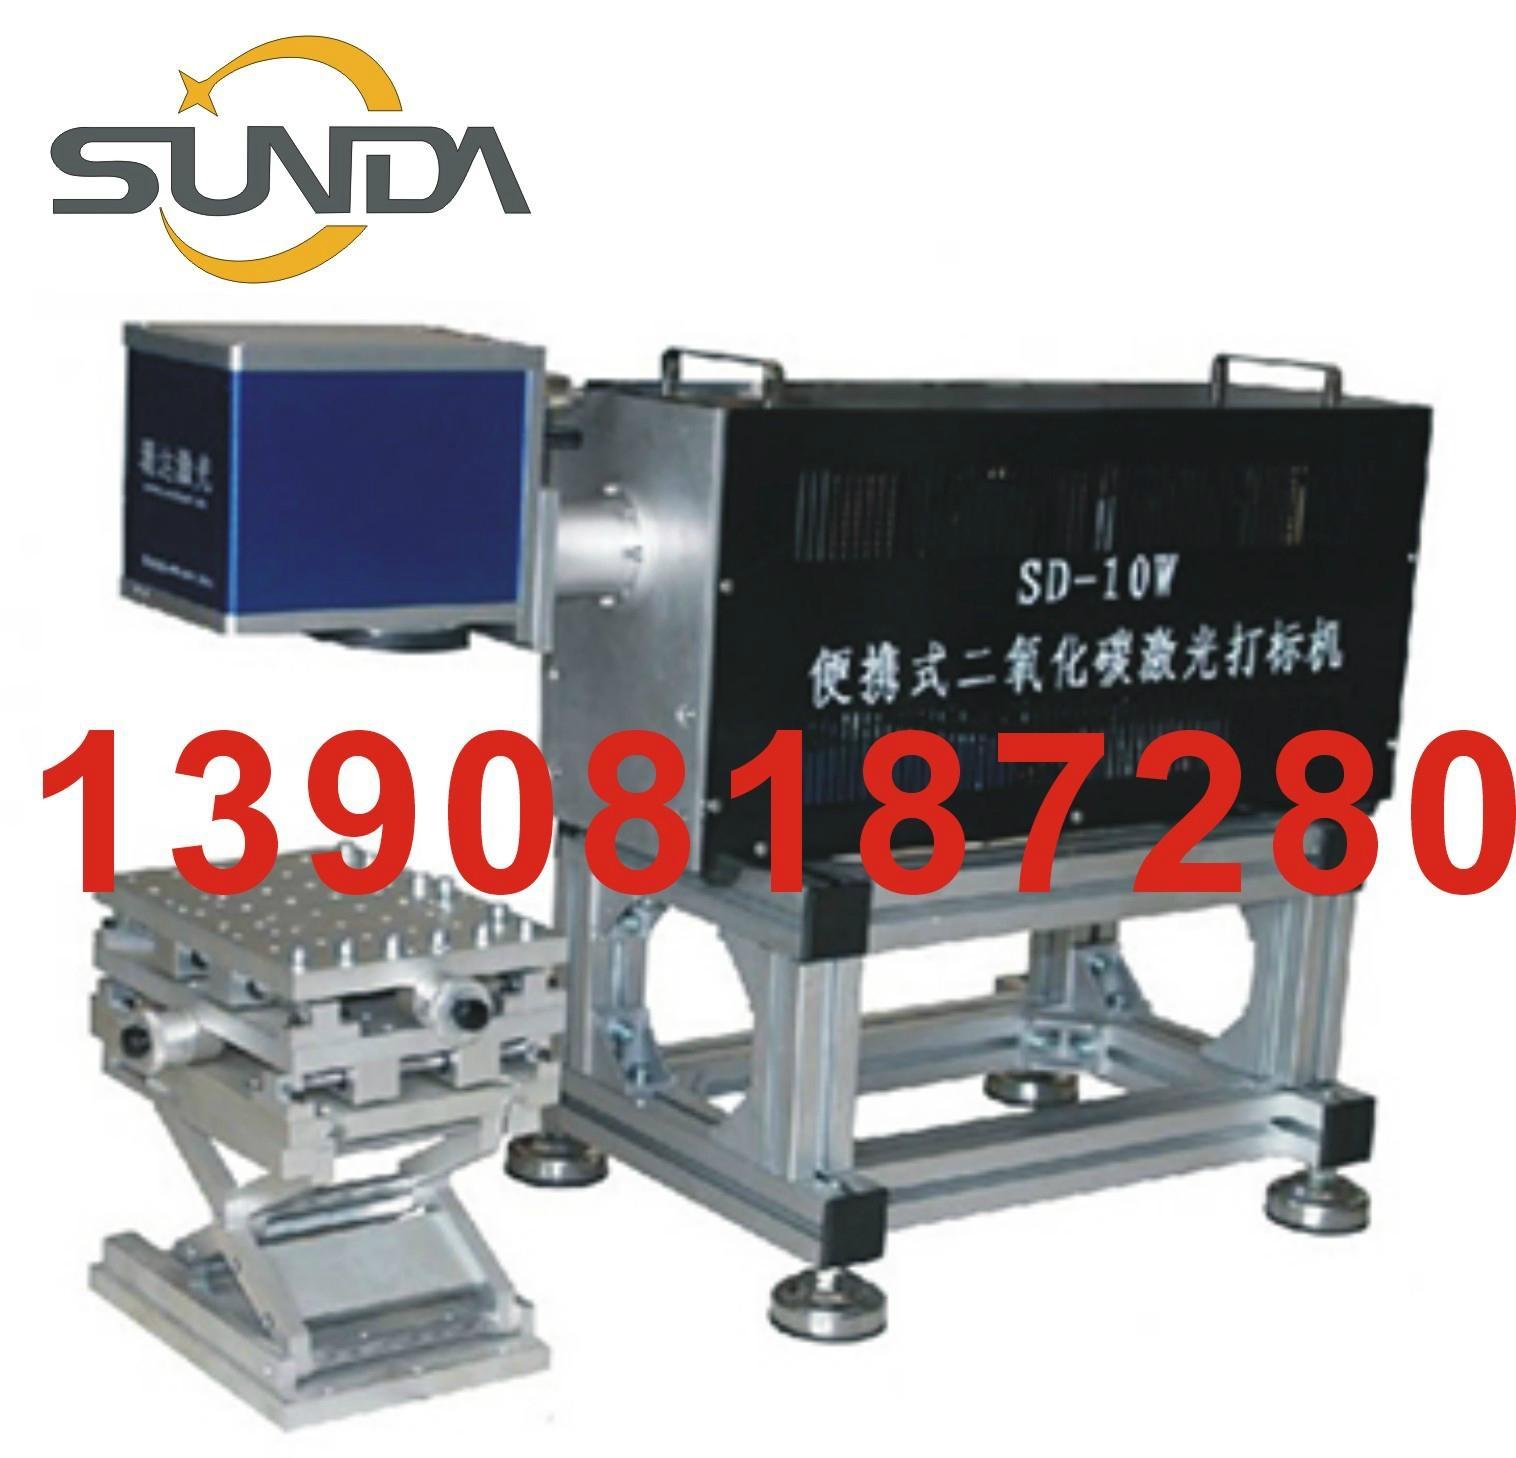 成都珊达CO2激光打标机 1